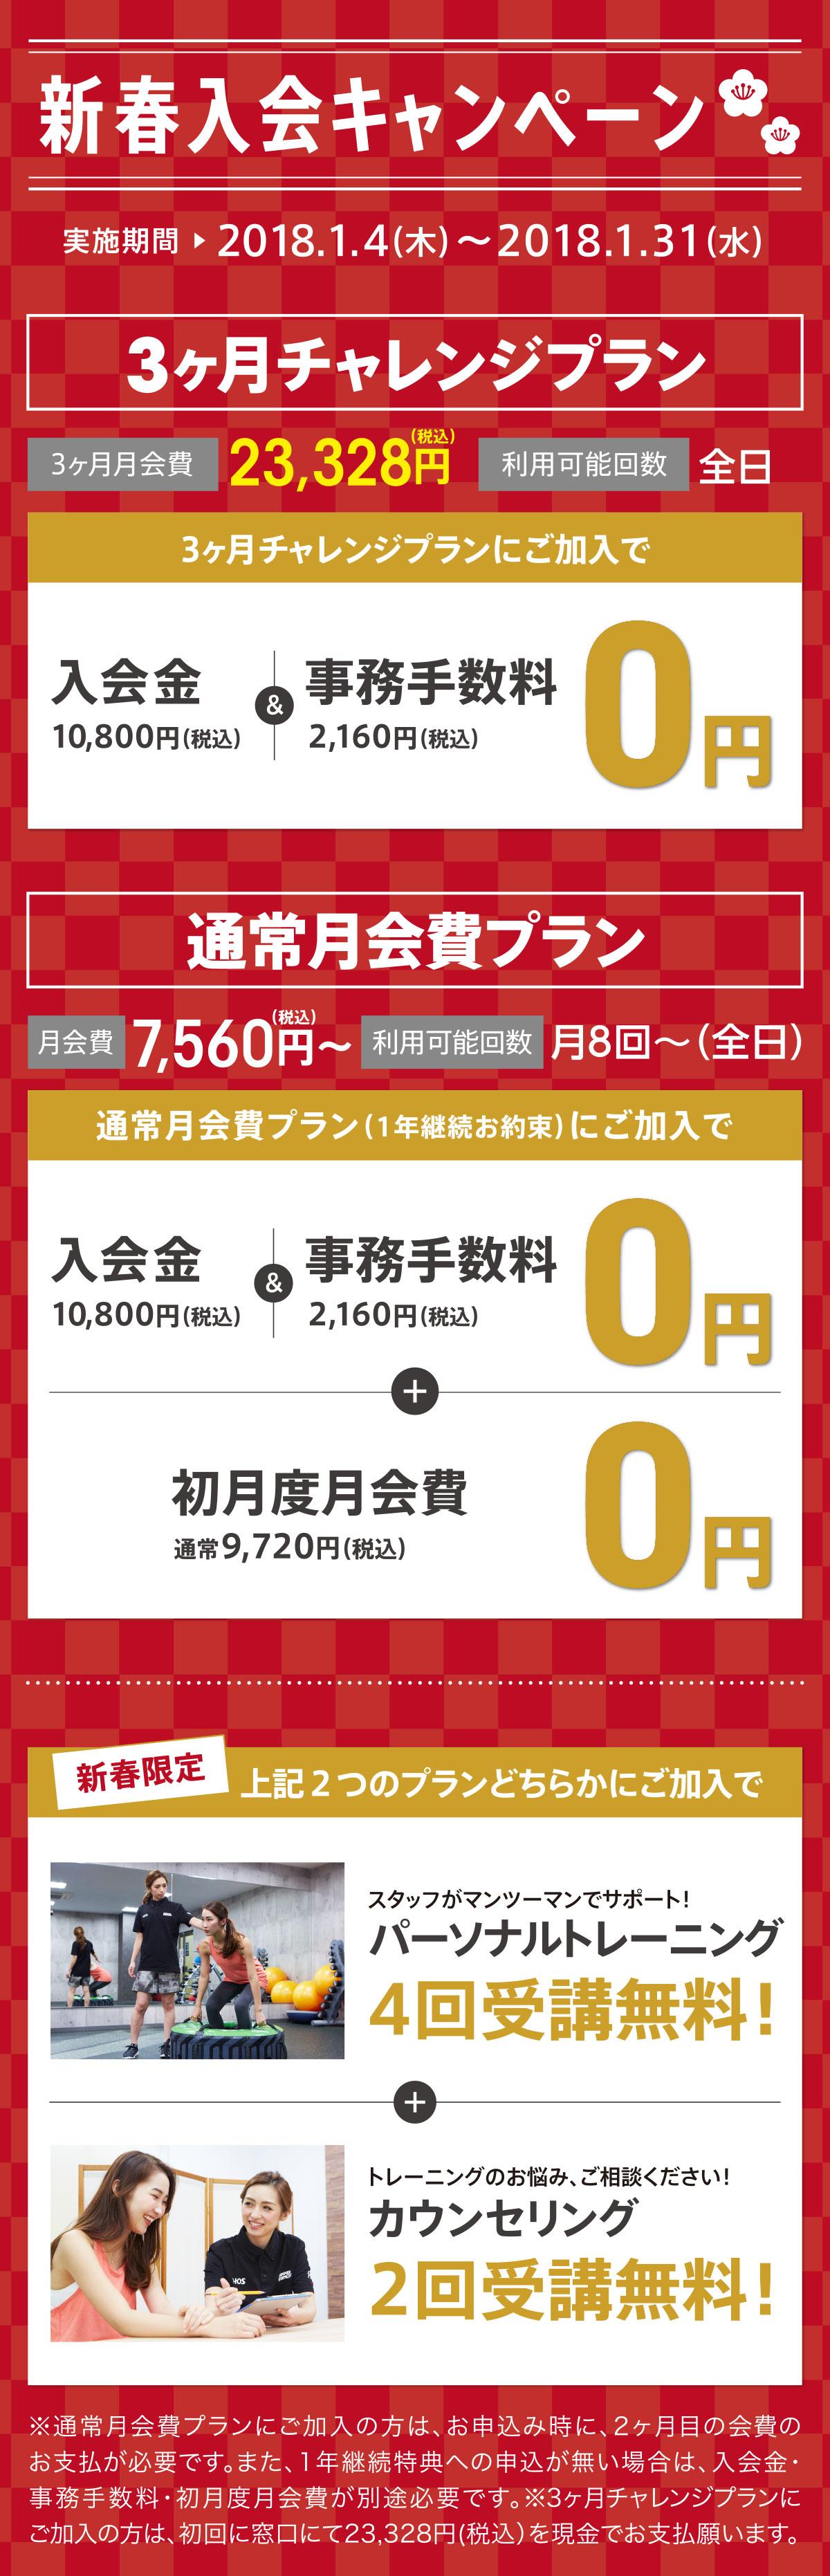 201801-campaign-01